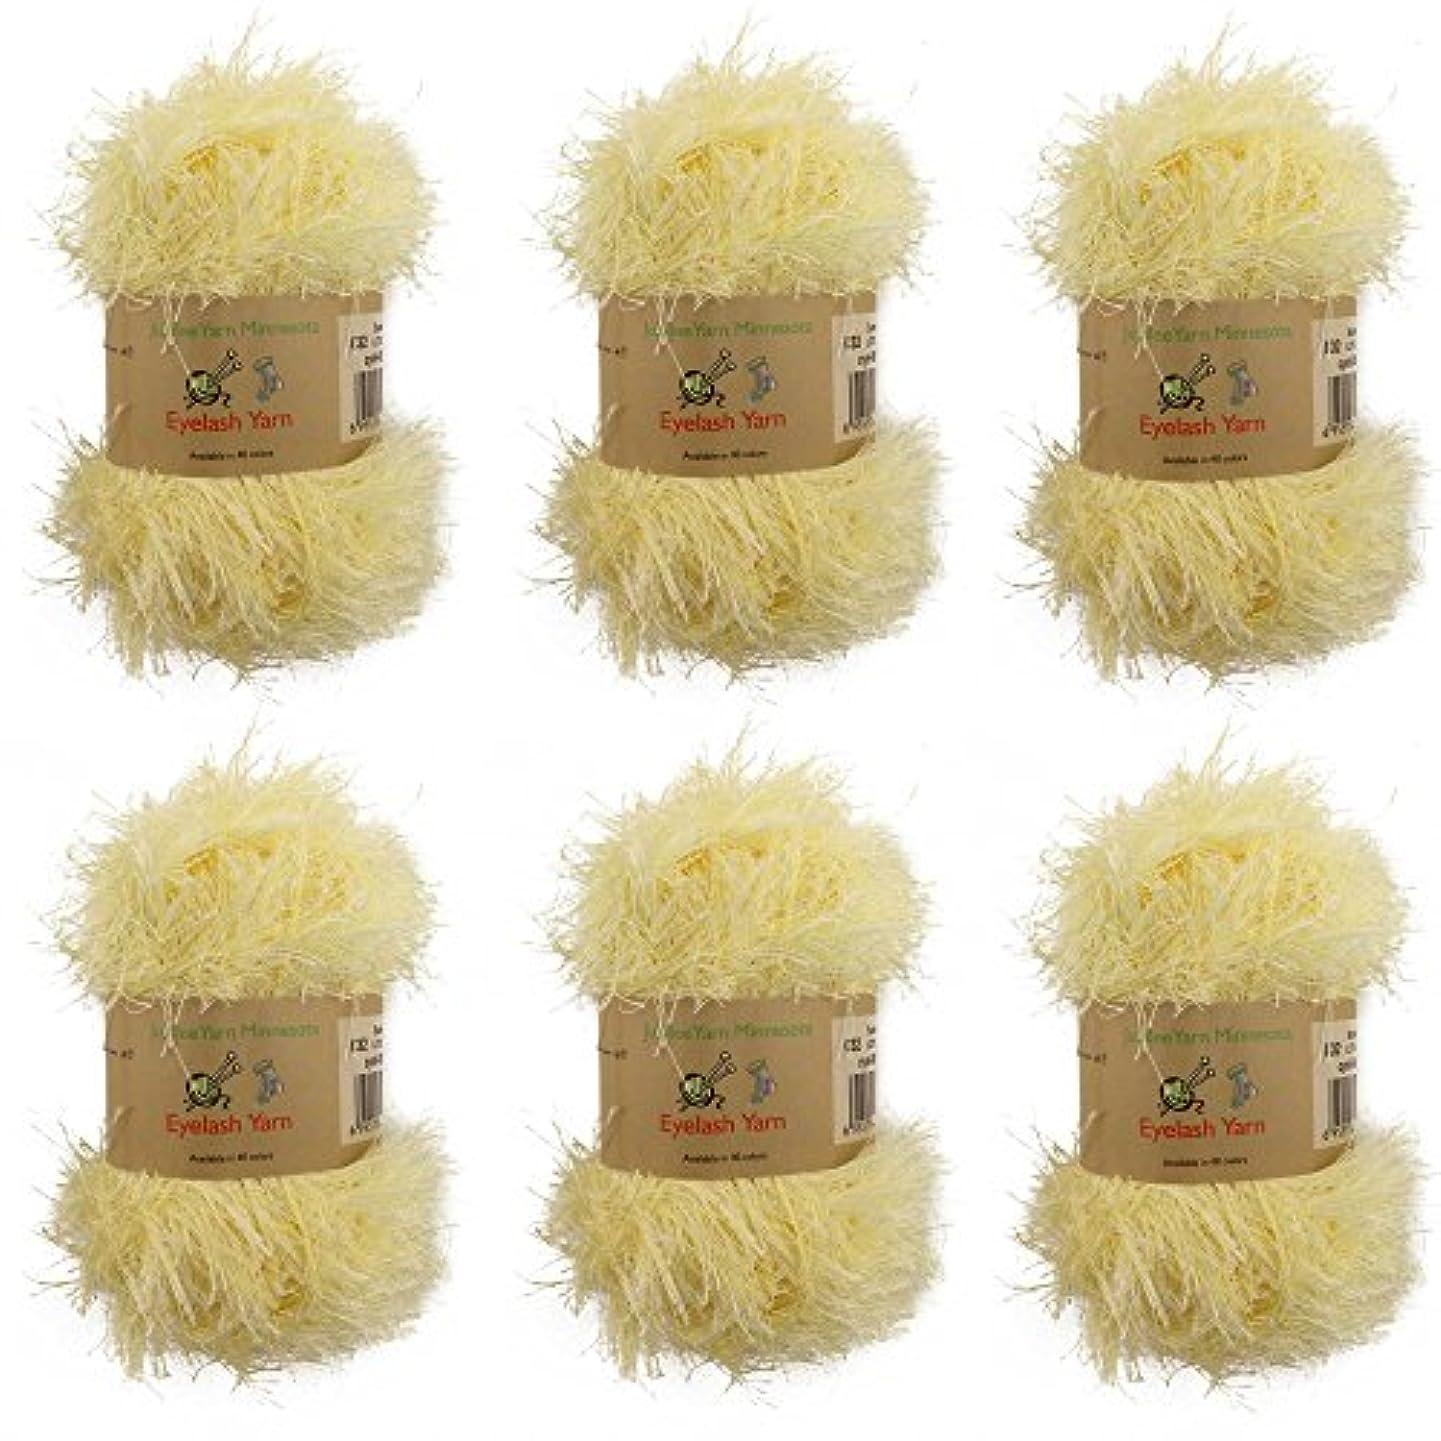 BambooMN JubileeYarn 50g Eyelash Ruffle Fur Yarn, 6 Skeins Summer